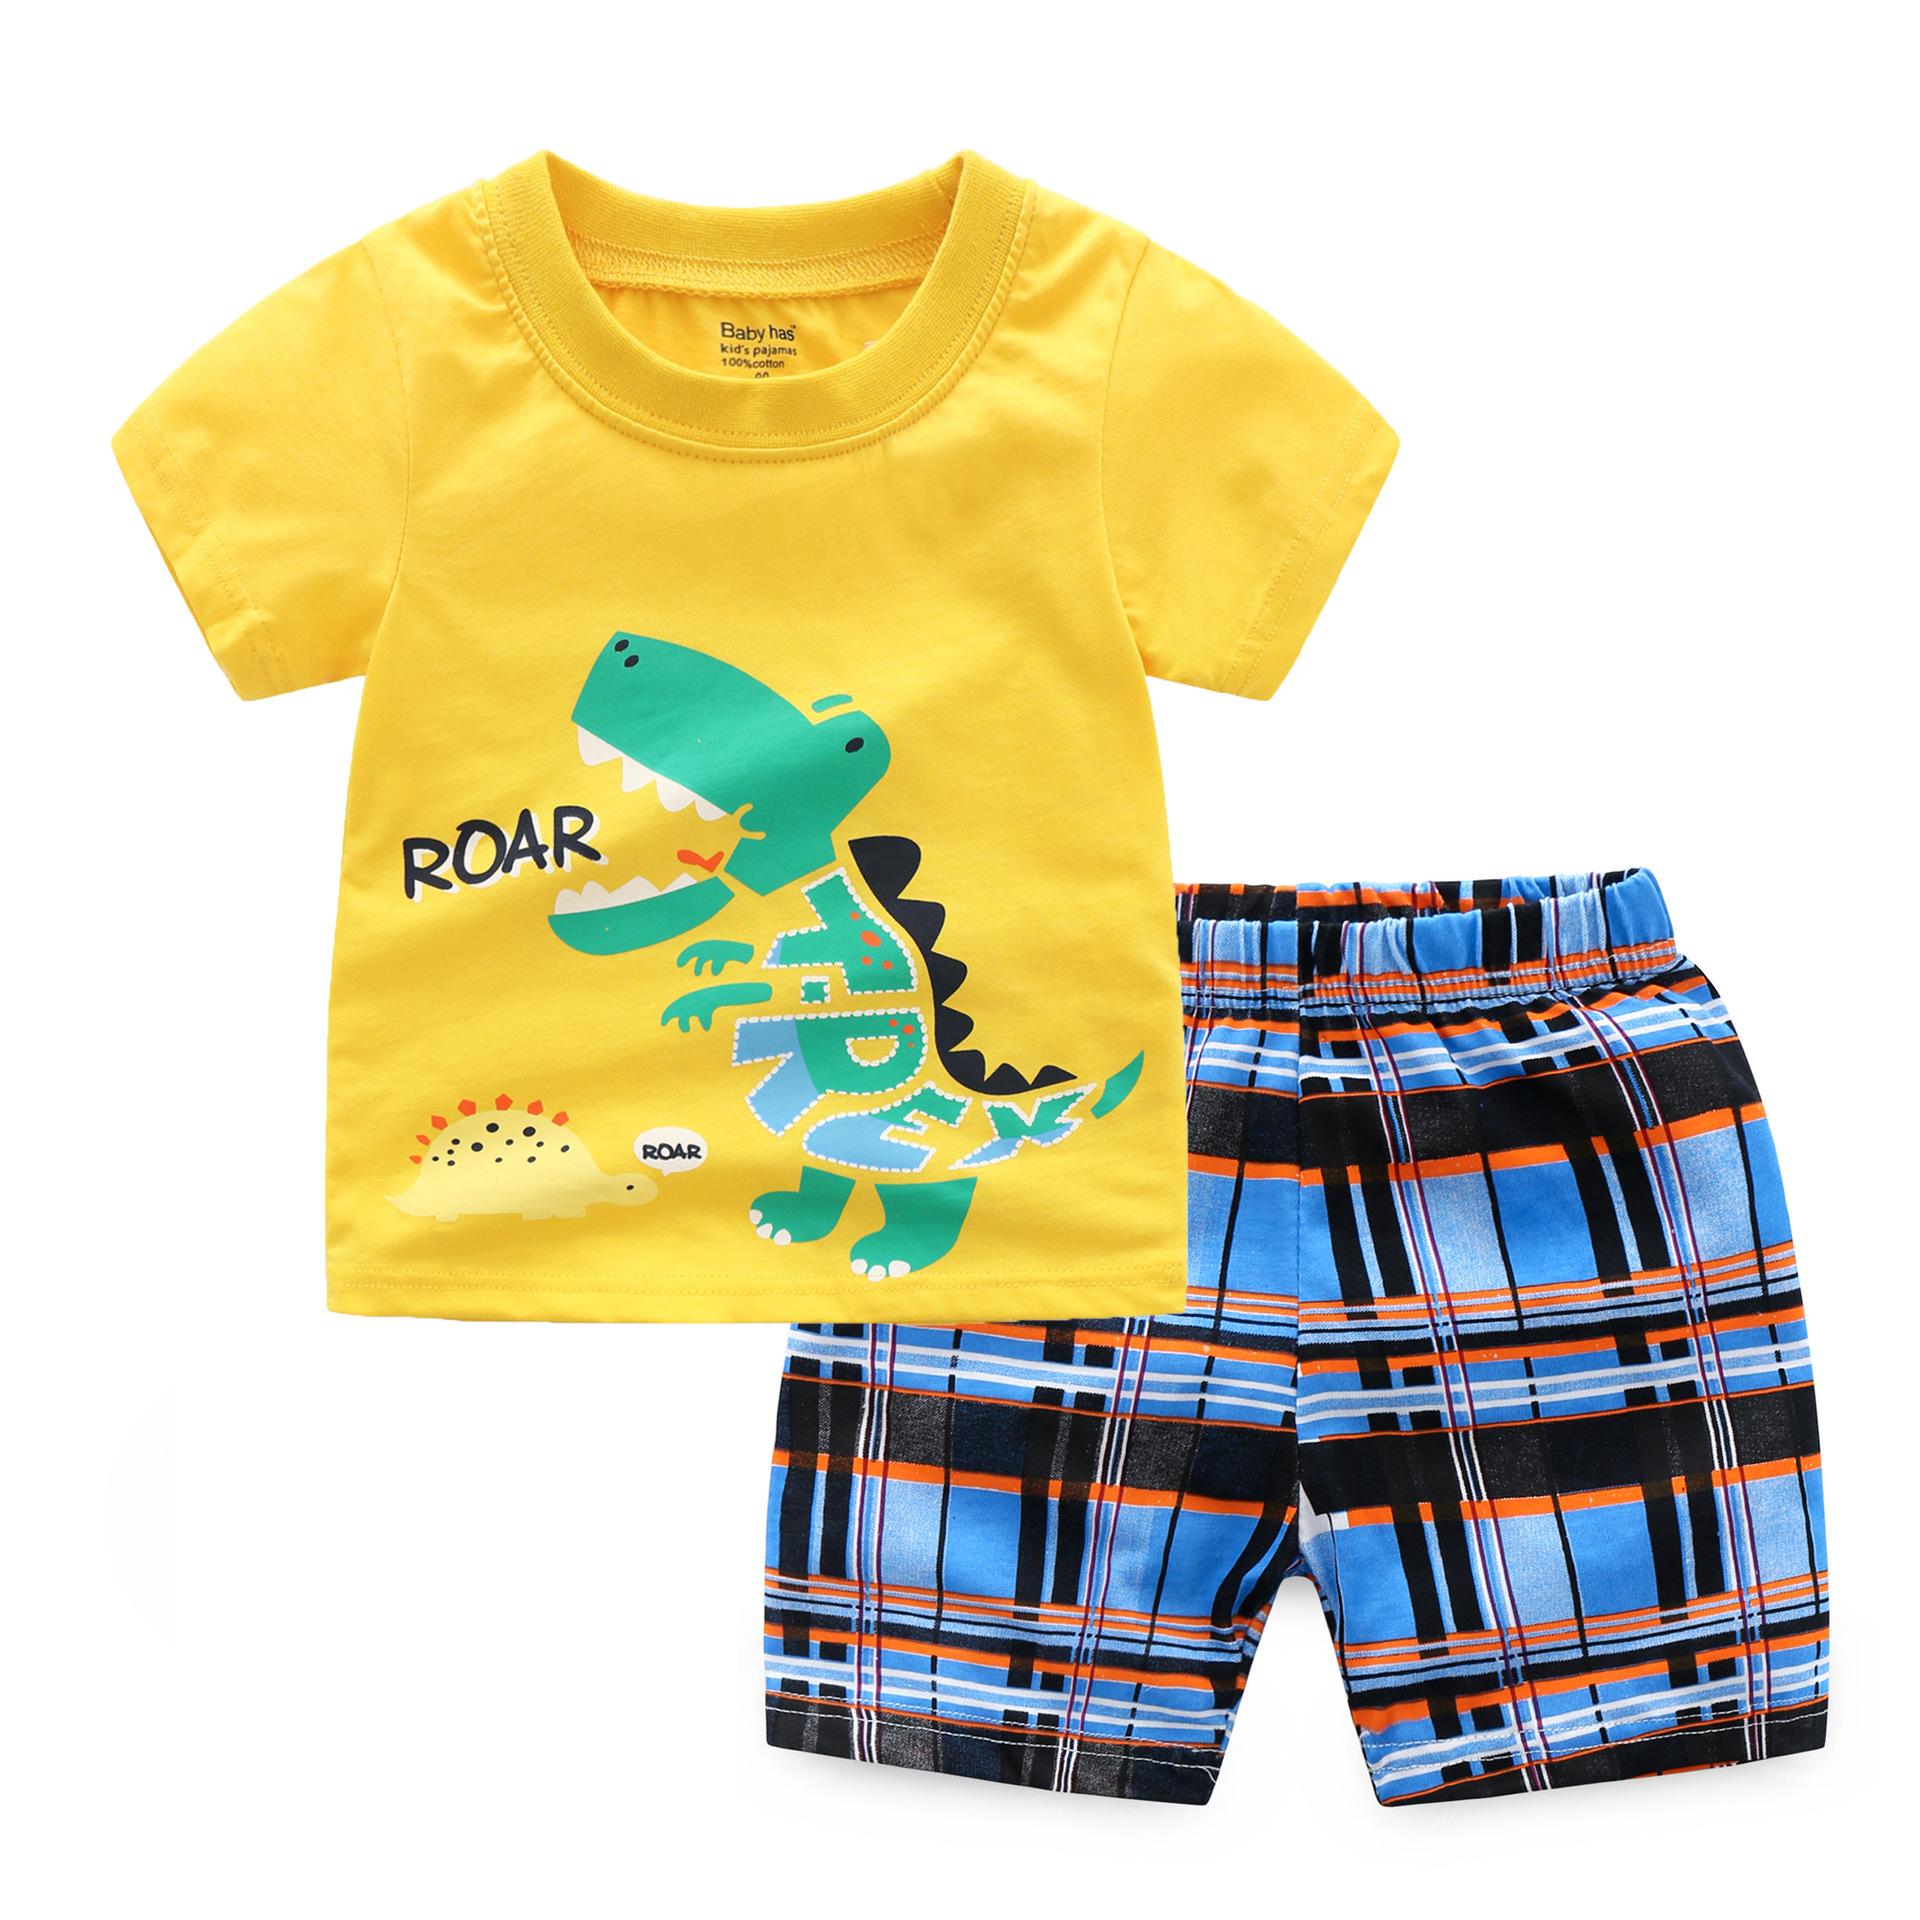 Đồ Suits trẻ em Bộ đồ trẻ em khủng long in cổ tròn cotton bé trai phù hợp với mùa hè Trẻ em áo thun